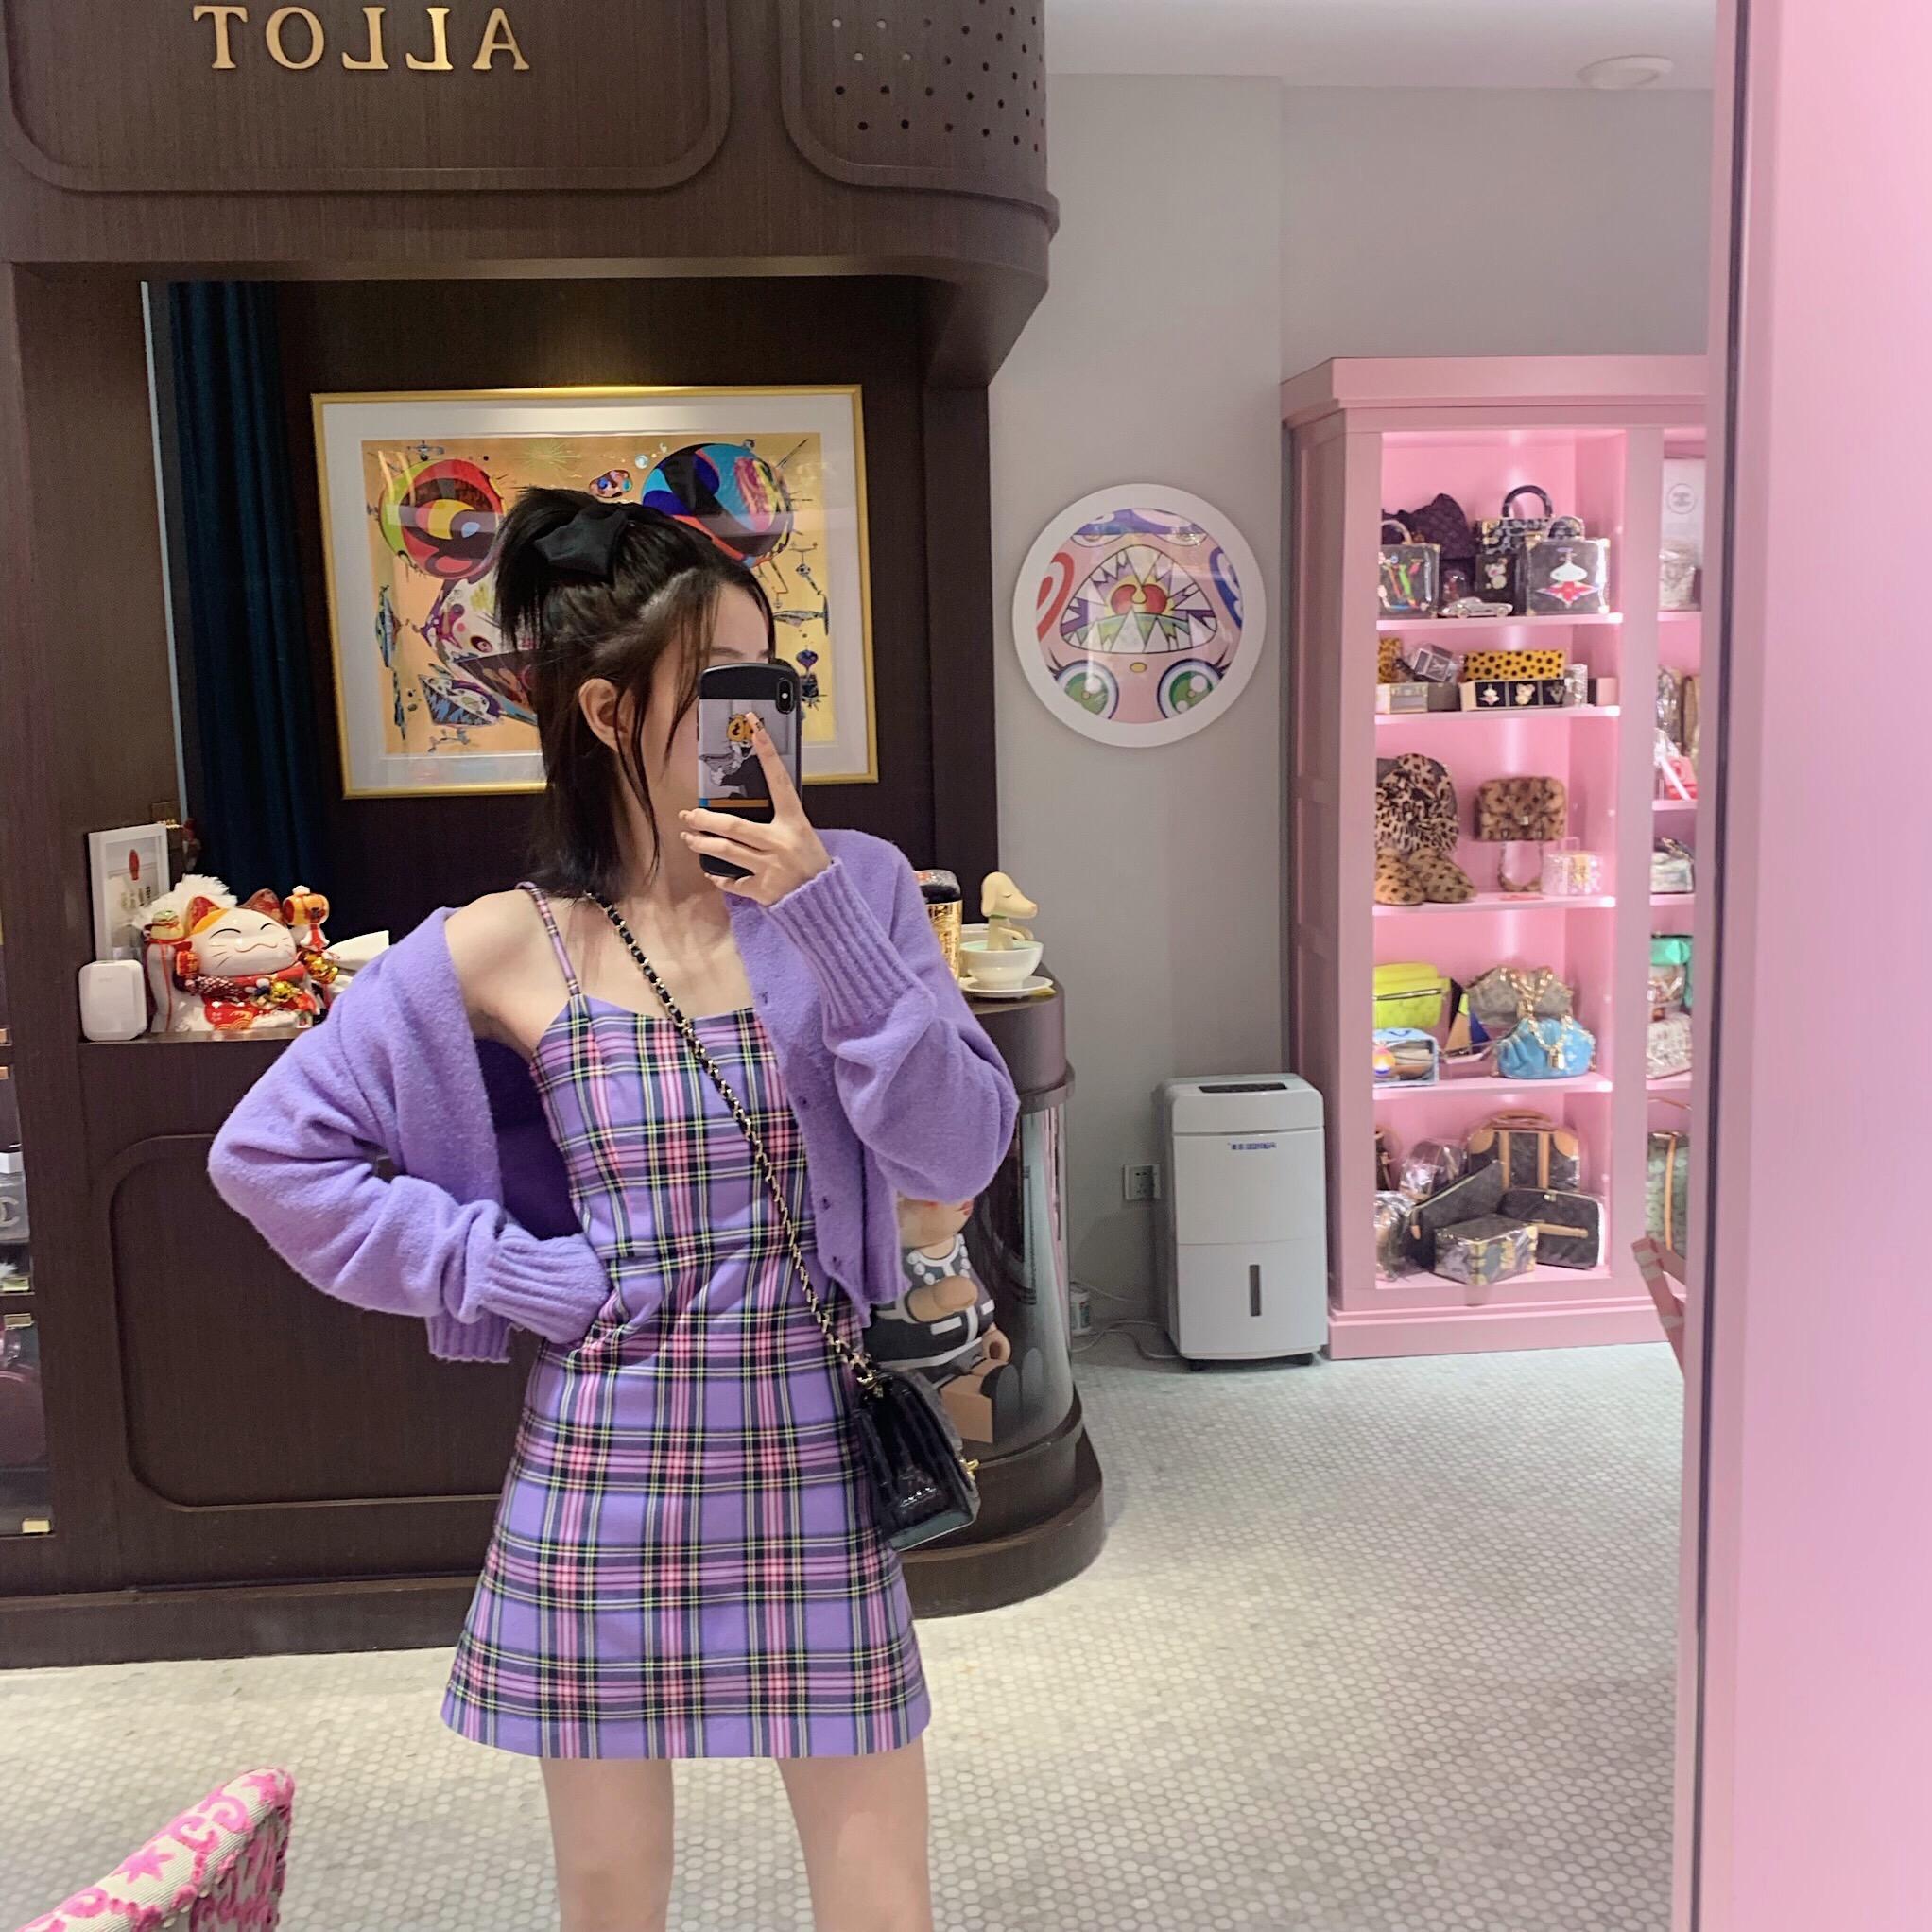 mungs 春夏紫色格子吊带裙女韩版百搭个性潮流打底外穿连衣裙短裙